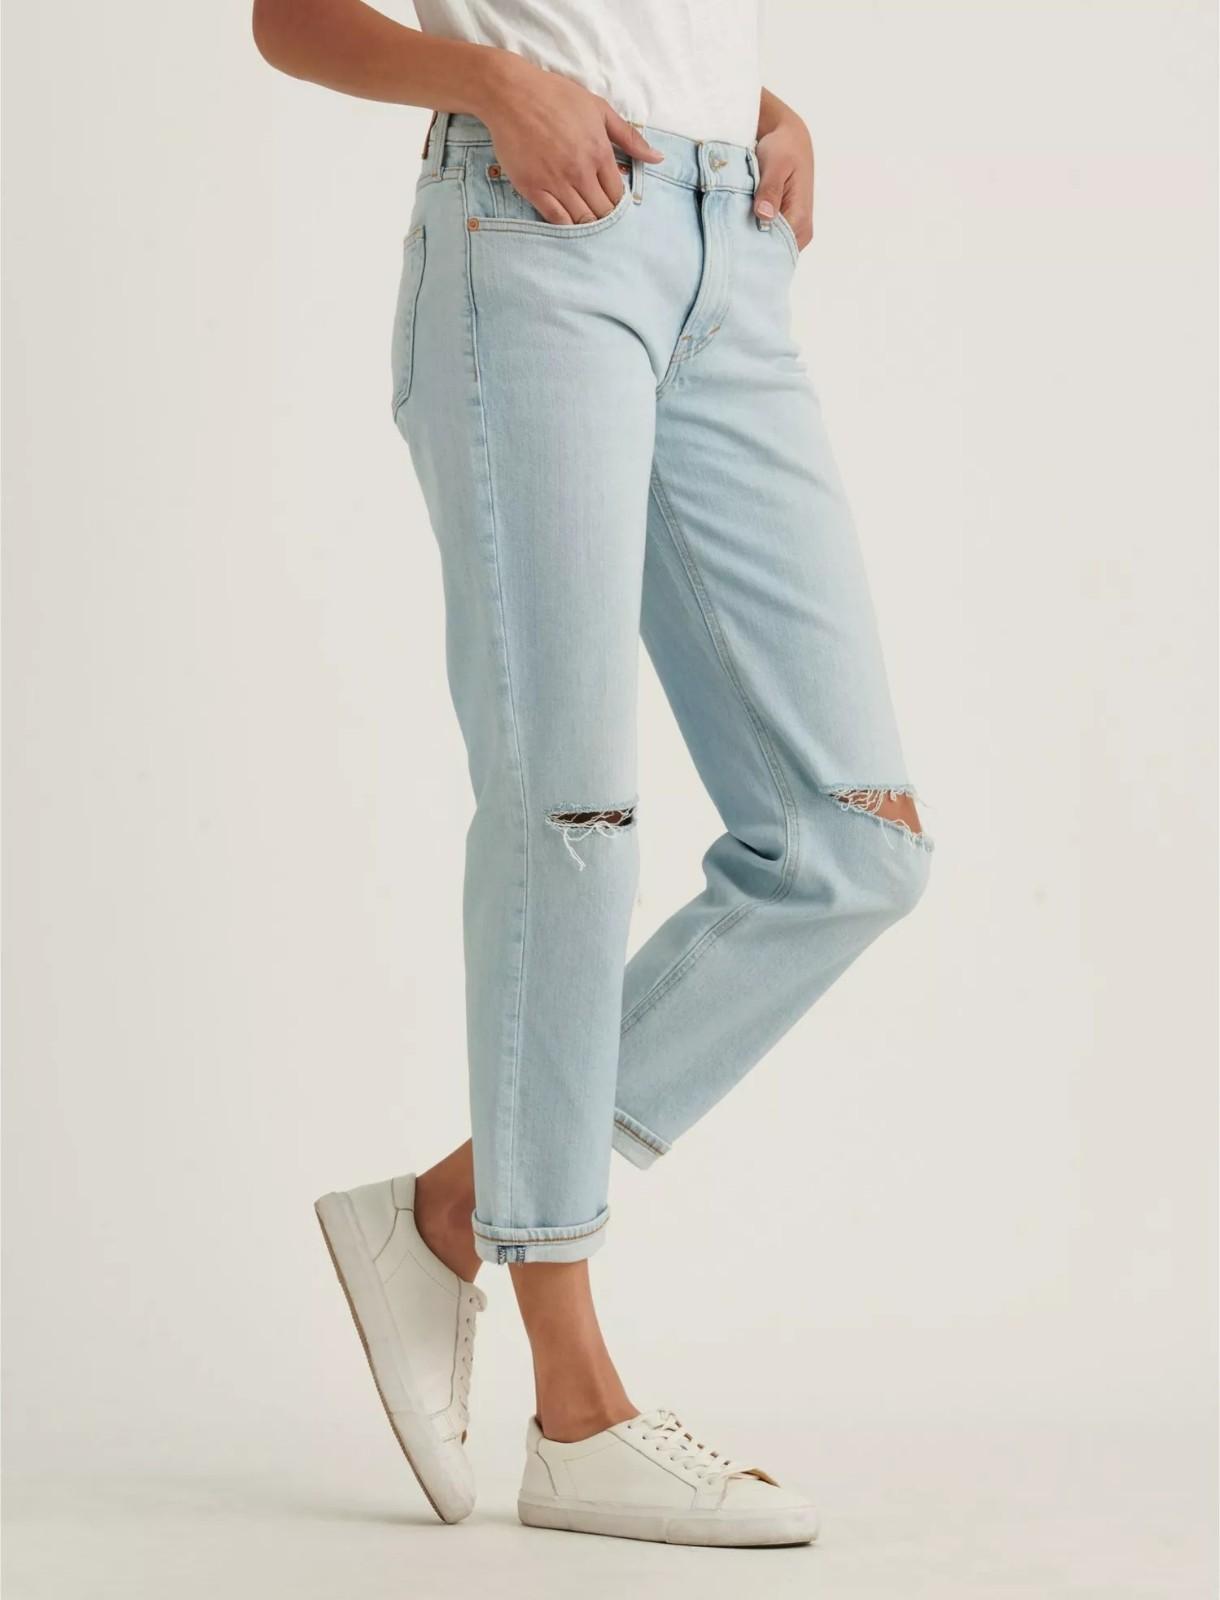 女士破洞中腰牛仔裤